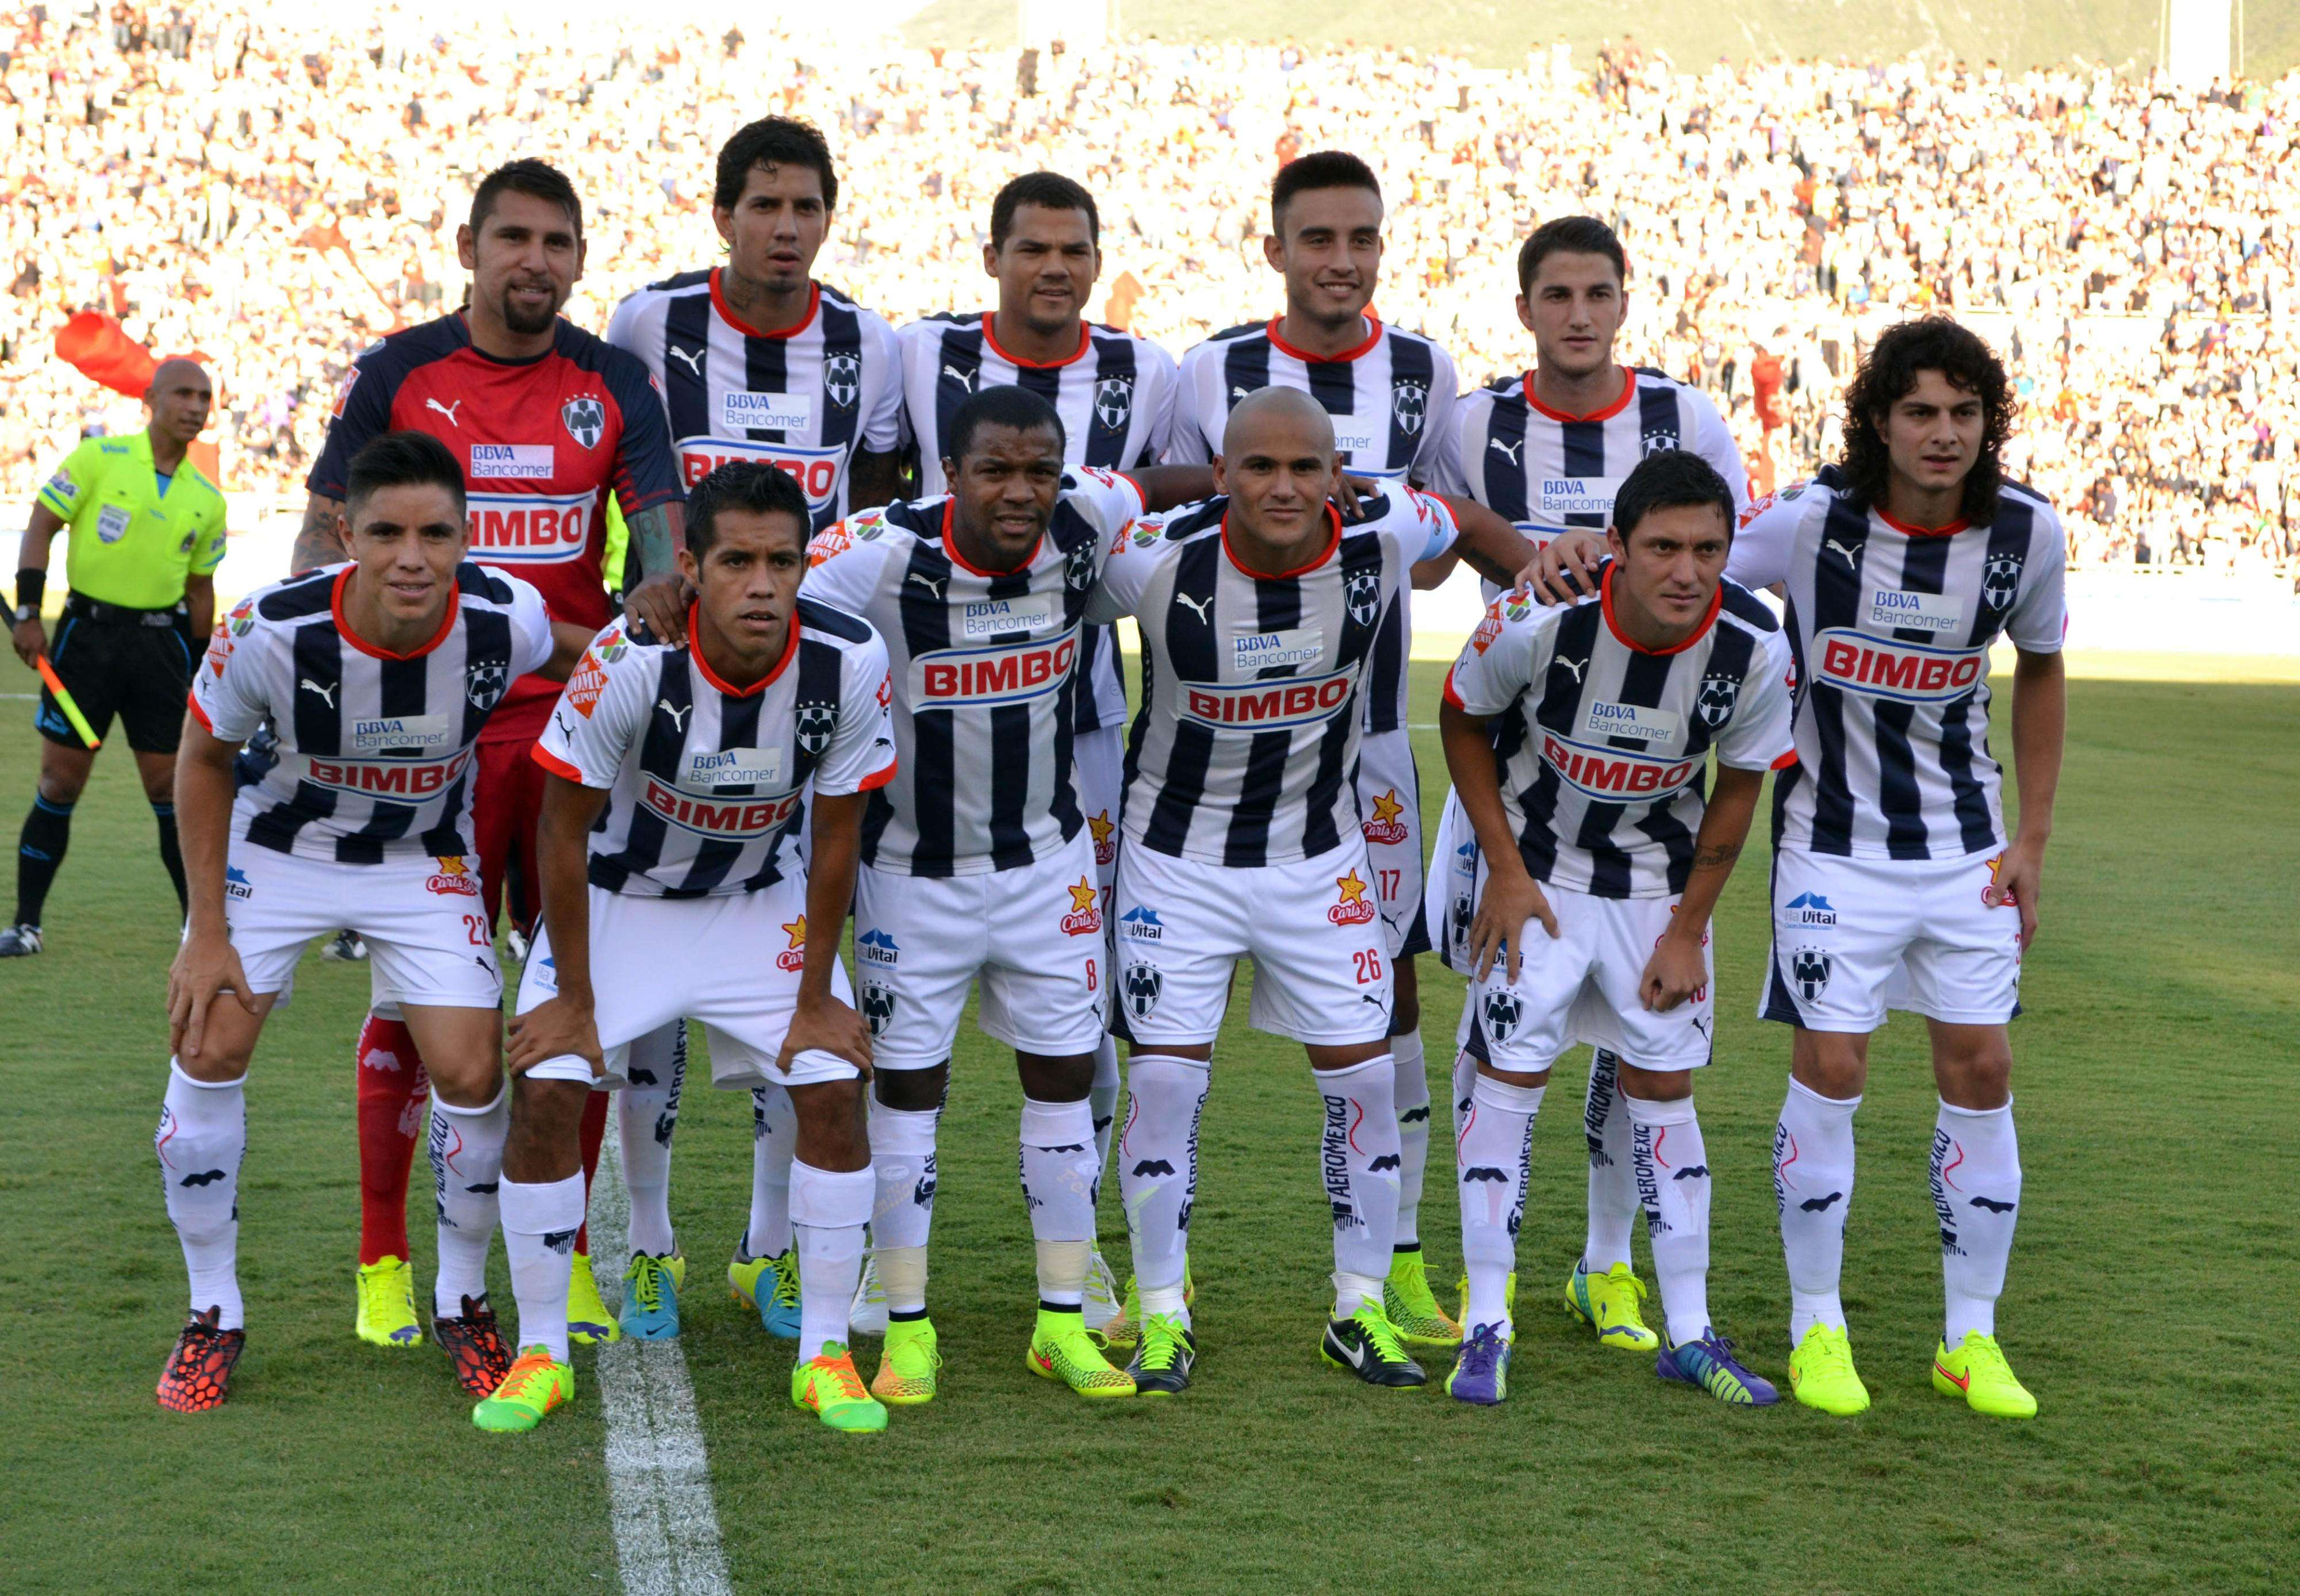 Alberto Bustos/Rayados.com